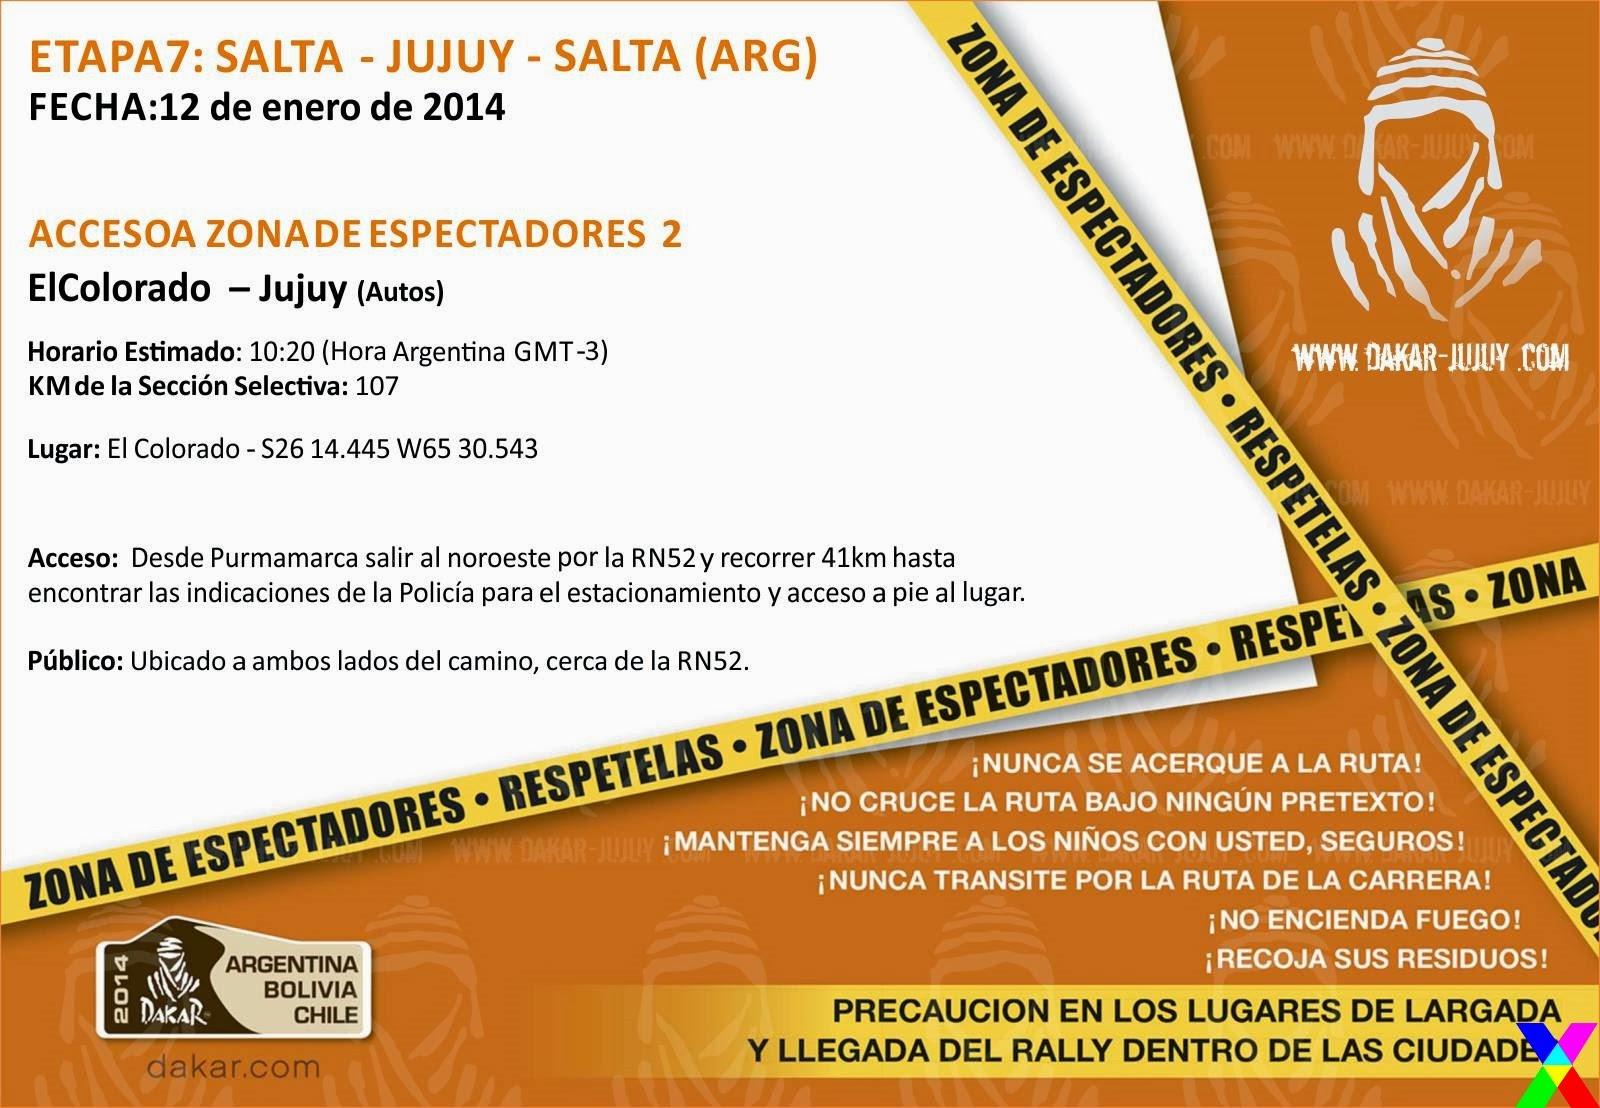 Zona de Espectadores 2 Jujuy - Dakar 2014